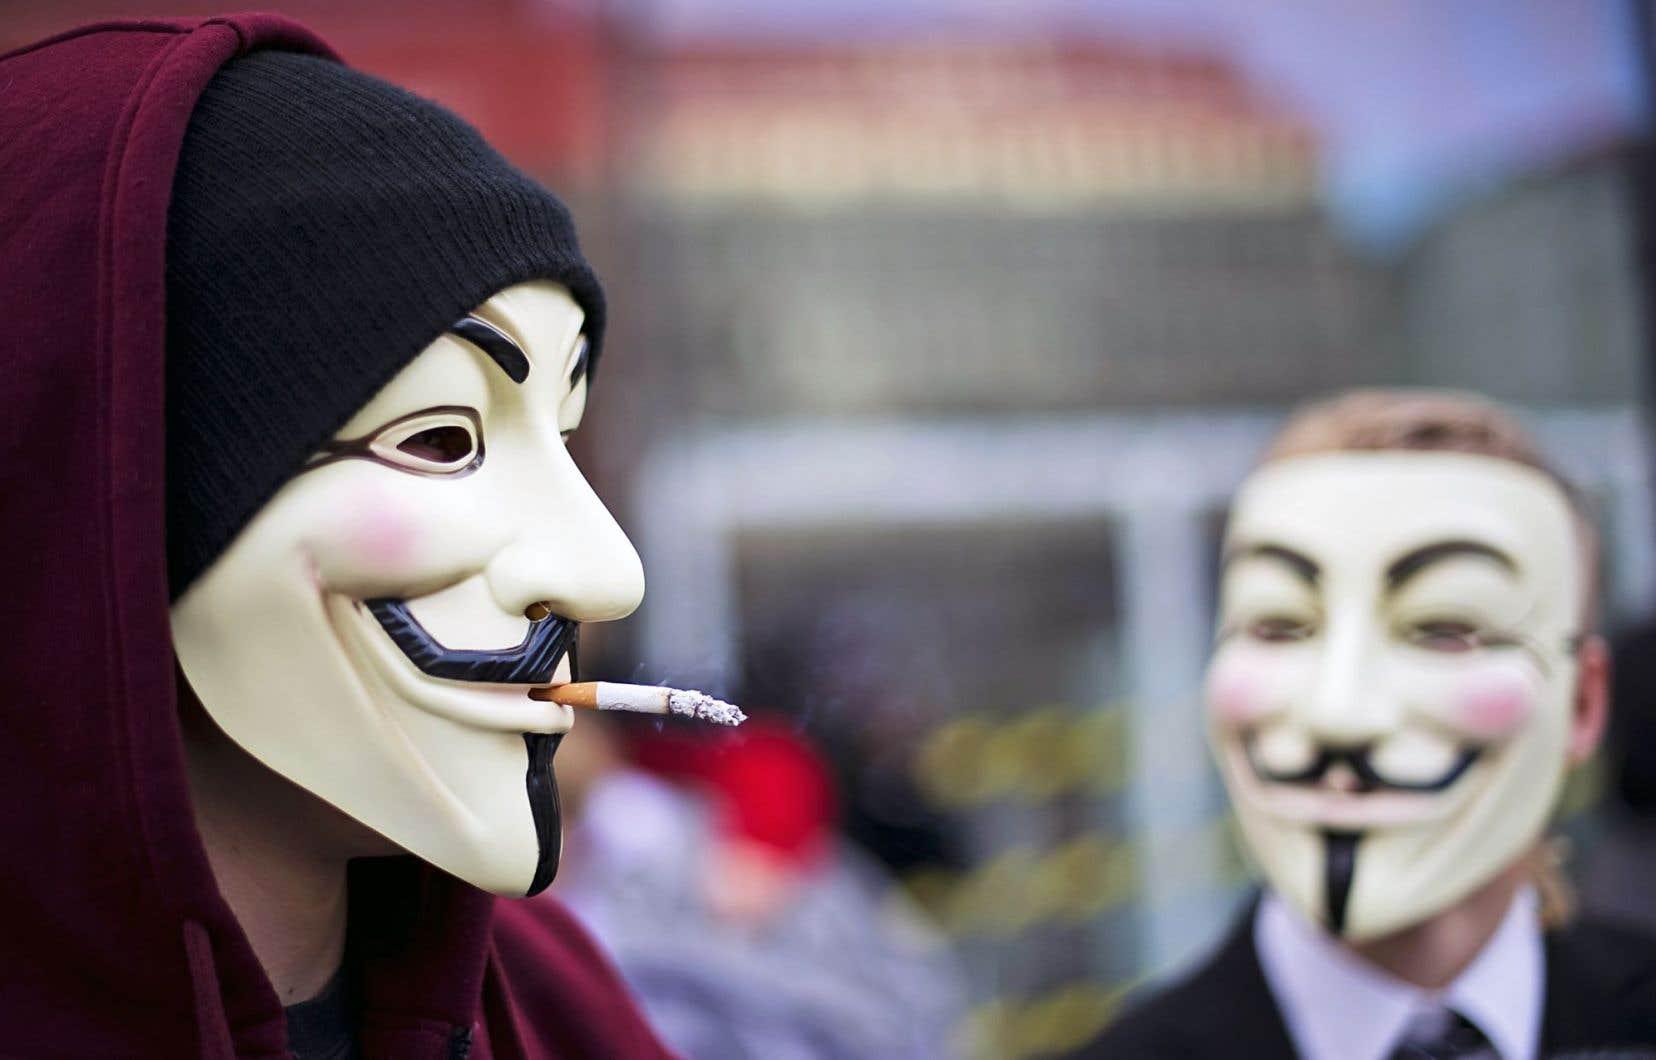 Le groupe Anonymous pourrait être derrière la cyberattaque.